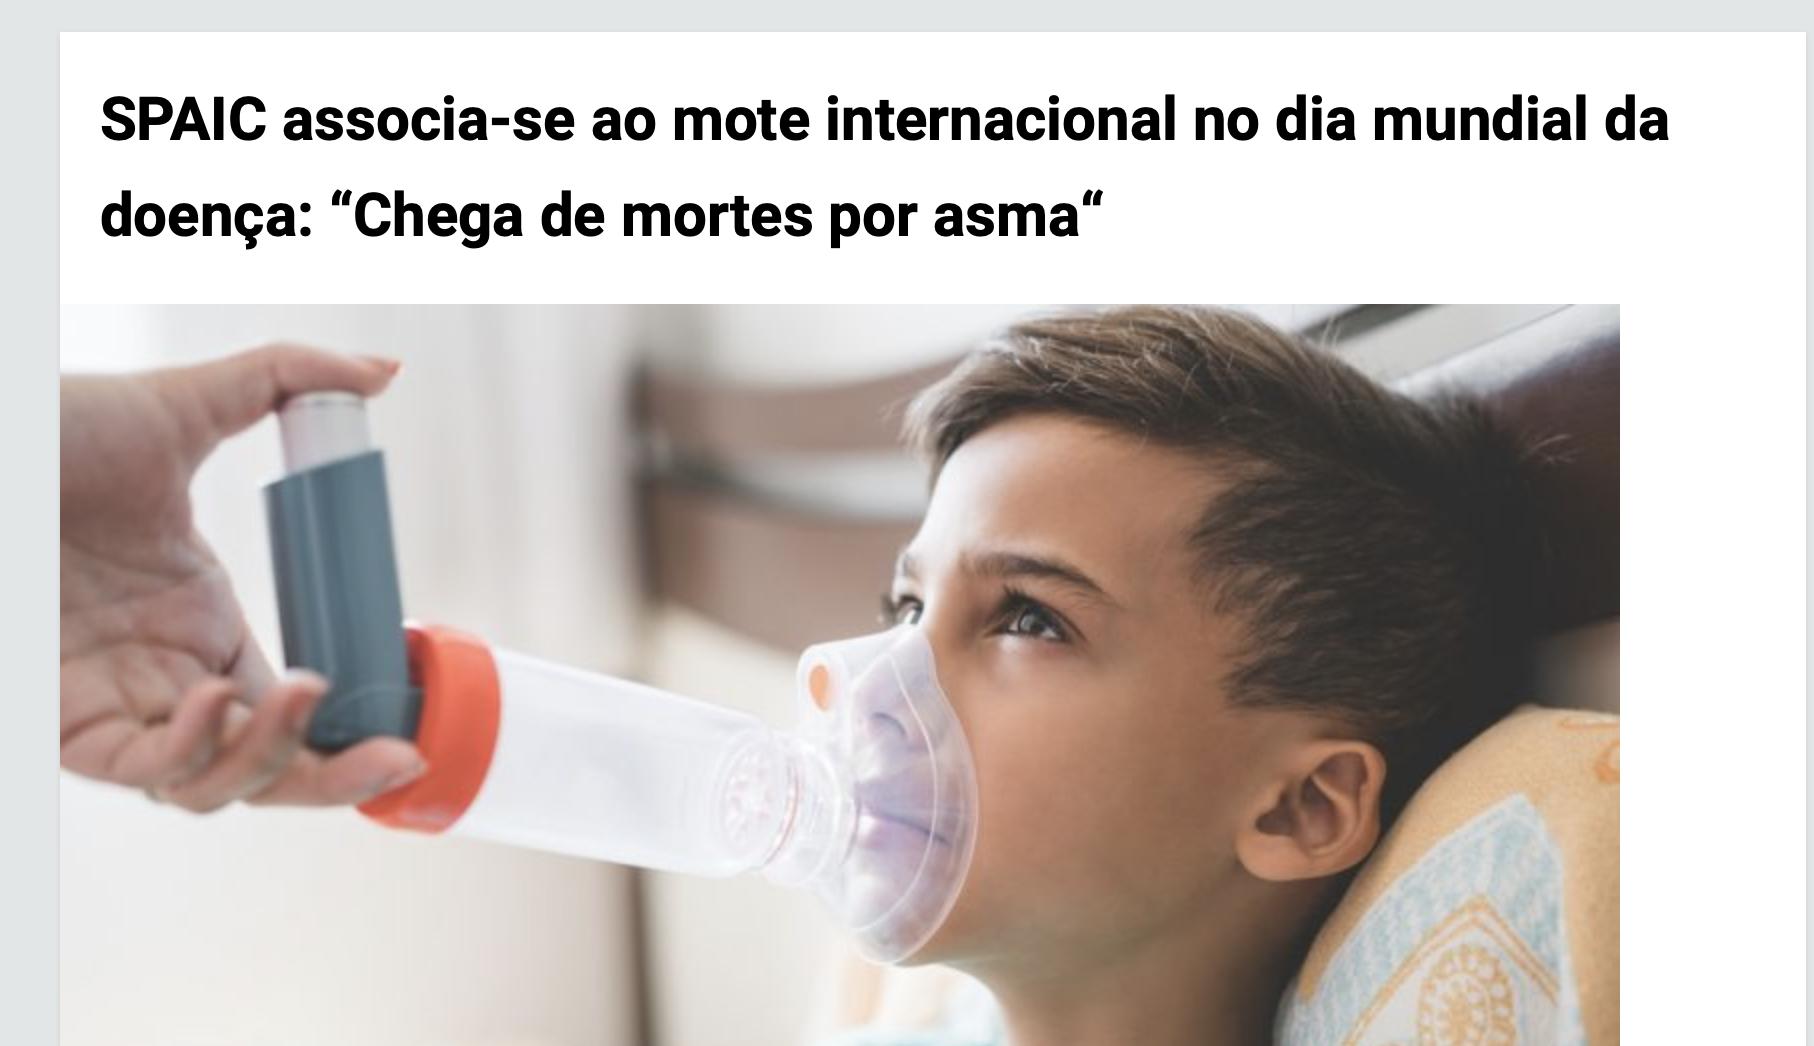 """RaioX- 5/5/20 - SPAIC associa-se ao mote internacional no dia mundial da doença: """"Chega de mortes por asma"""""""